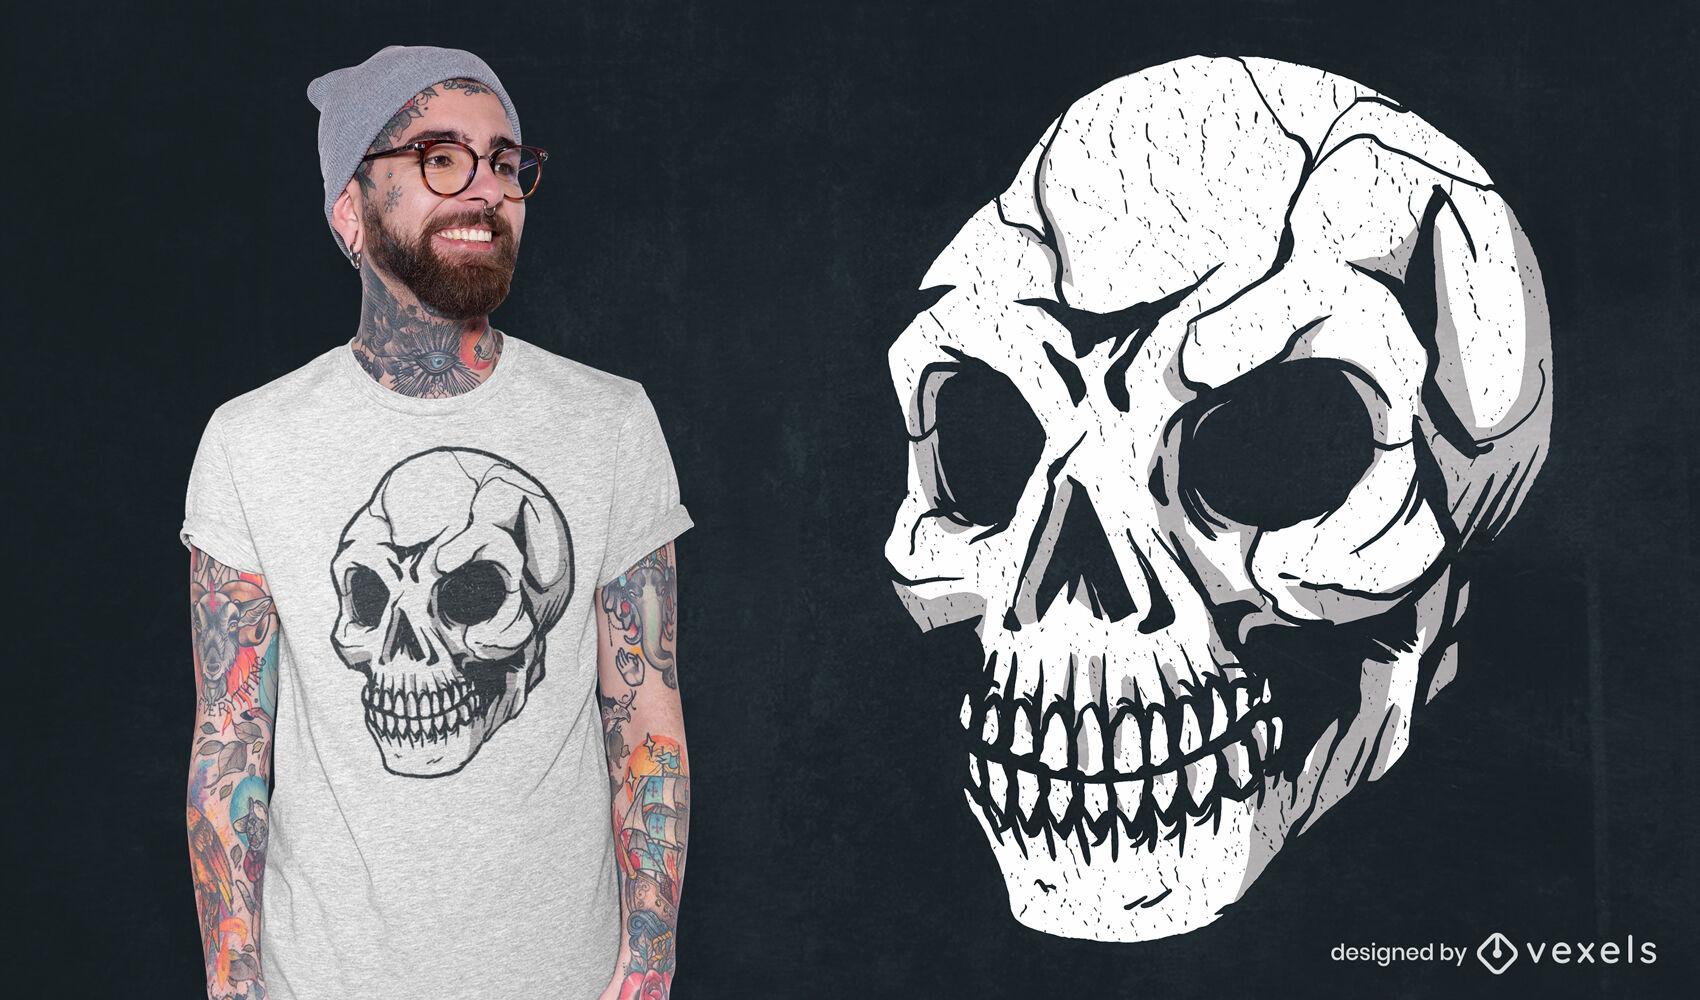 Grunge slightly shattered skull t-shirt design